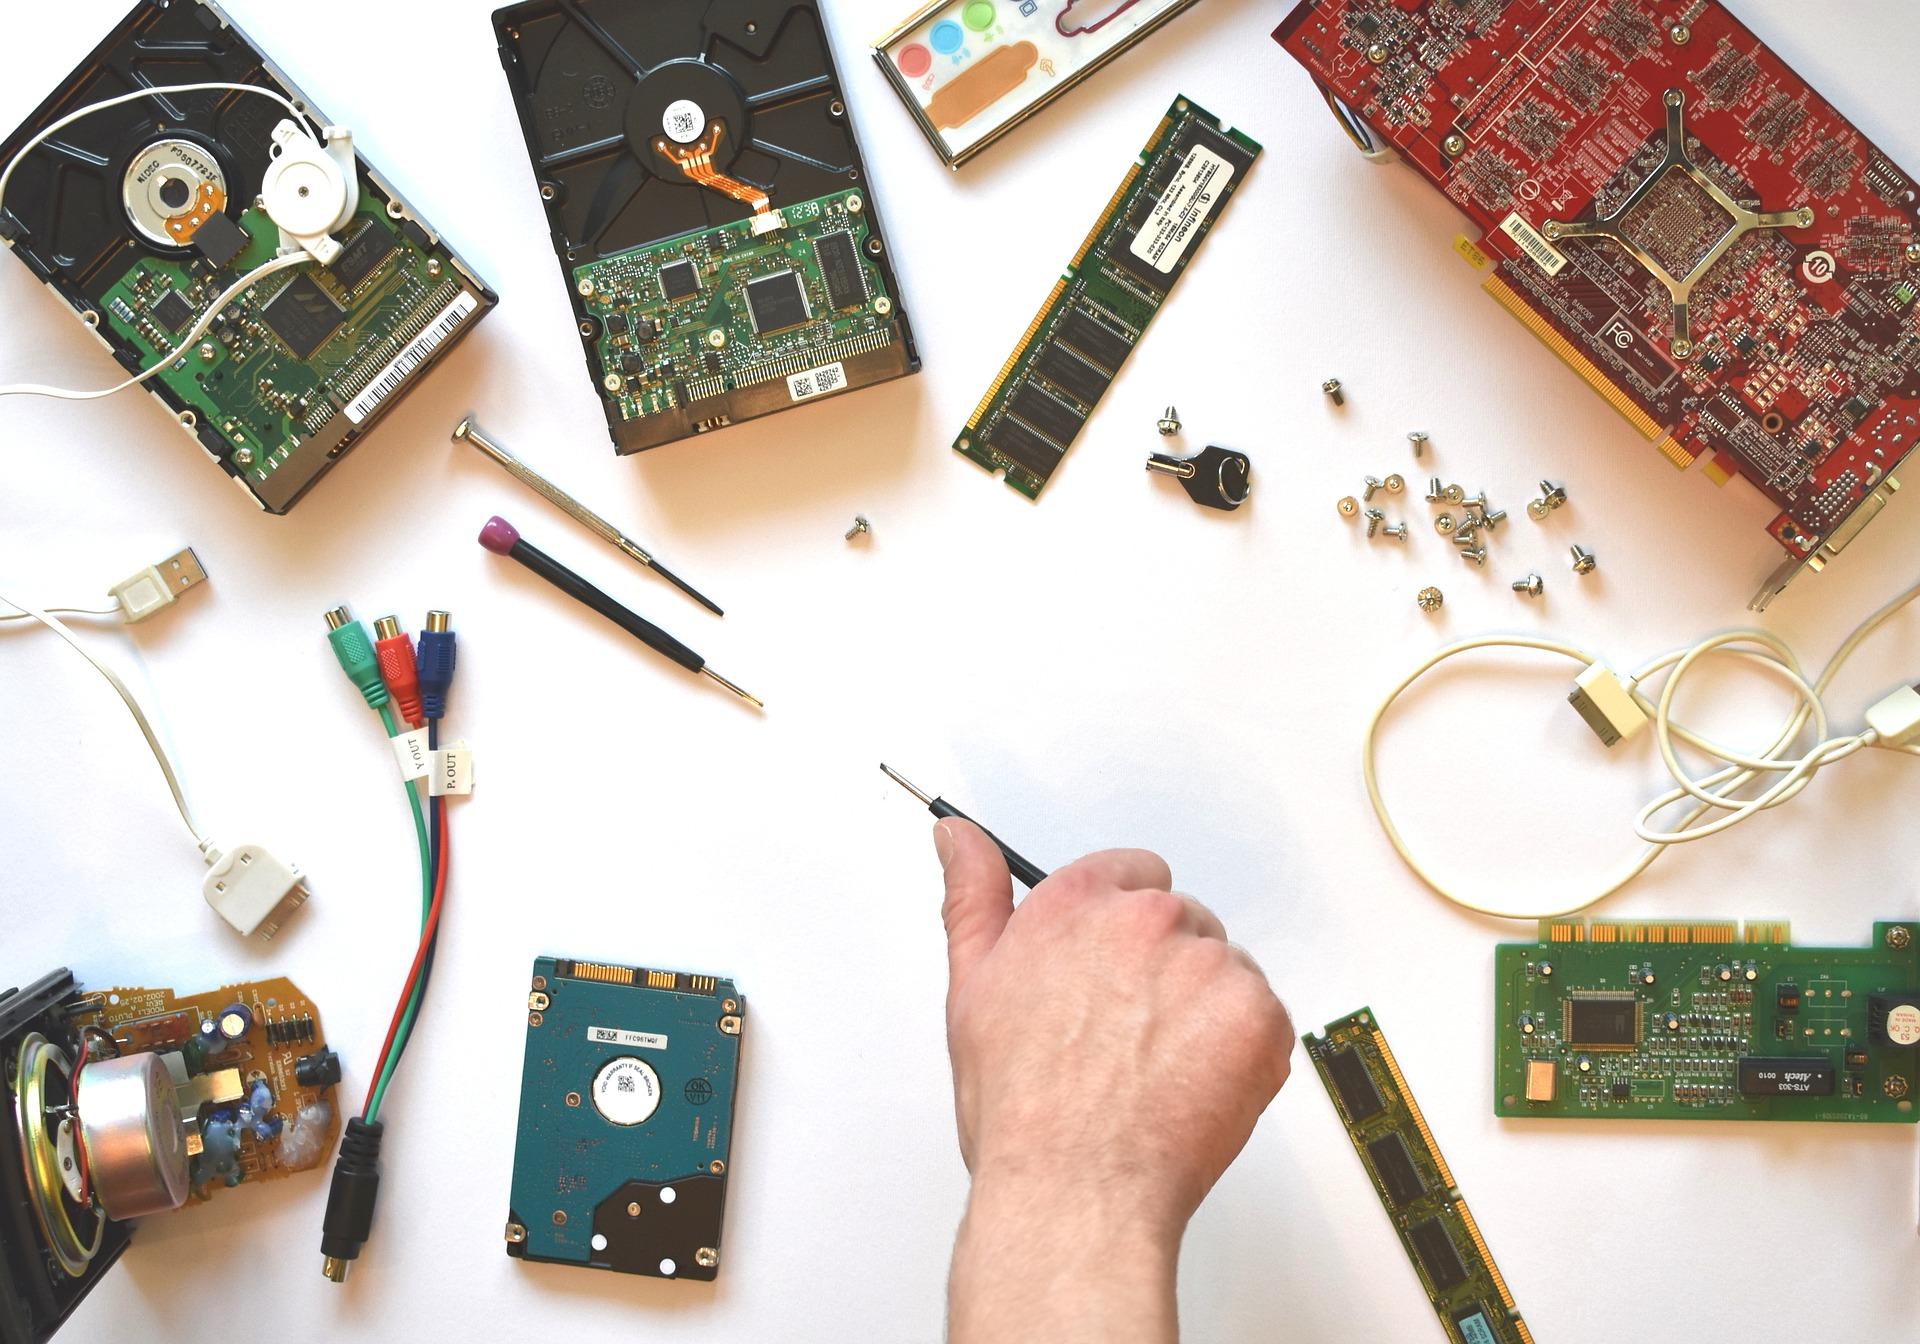 Jak rozpocząć przygodę z elektroniką - kursy elektroniki